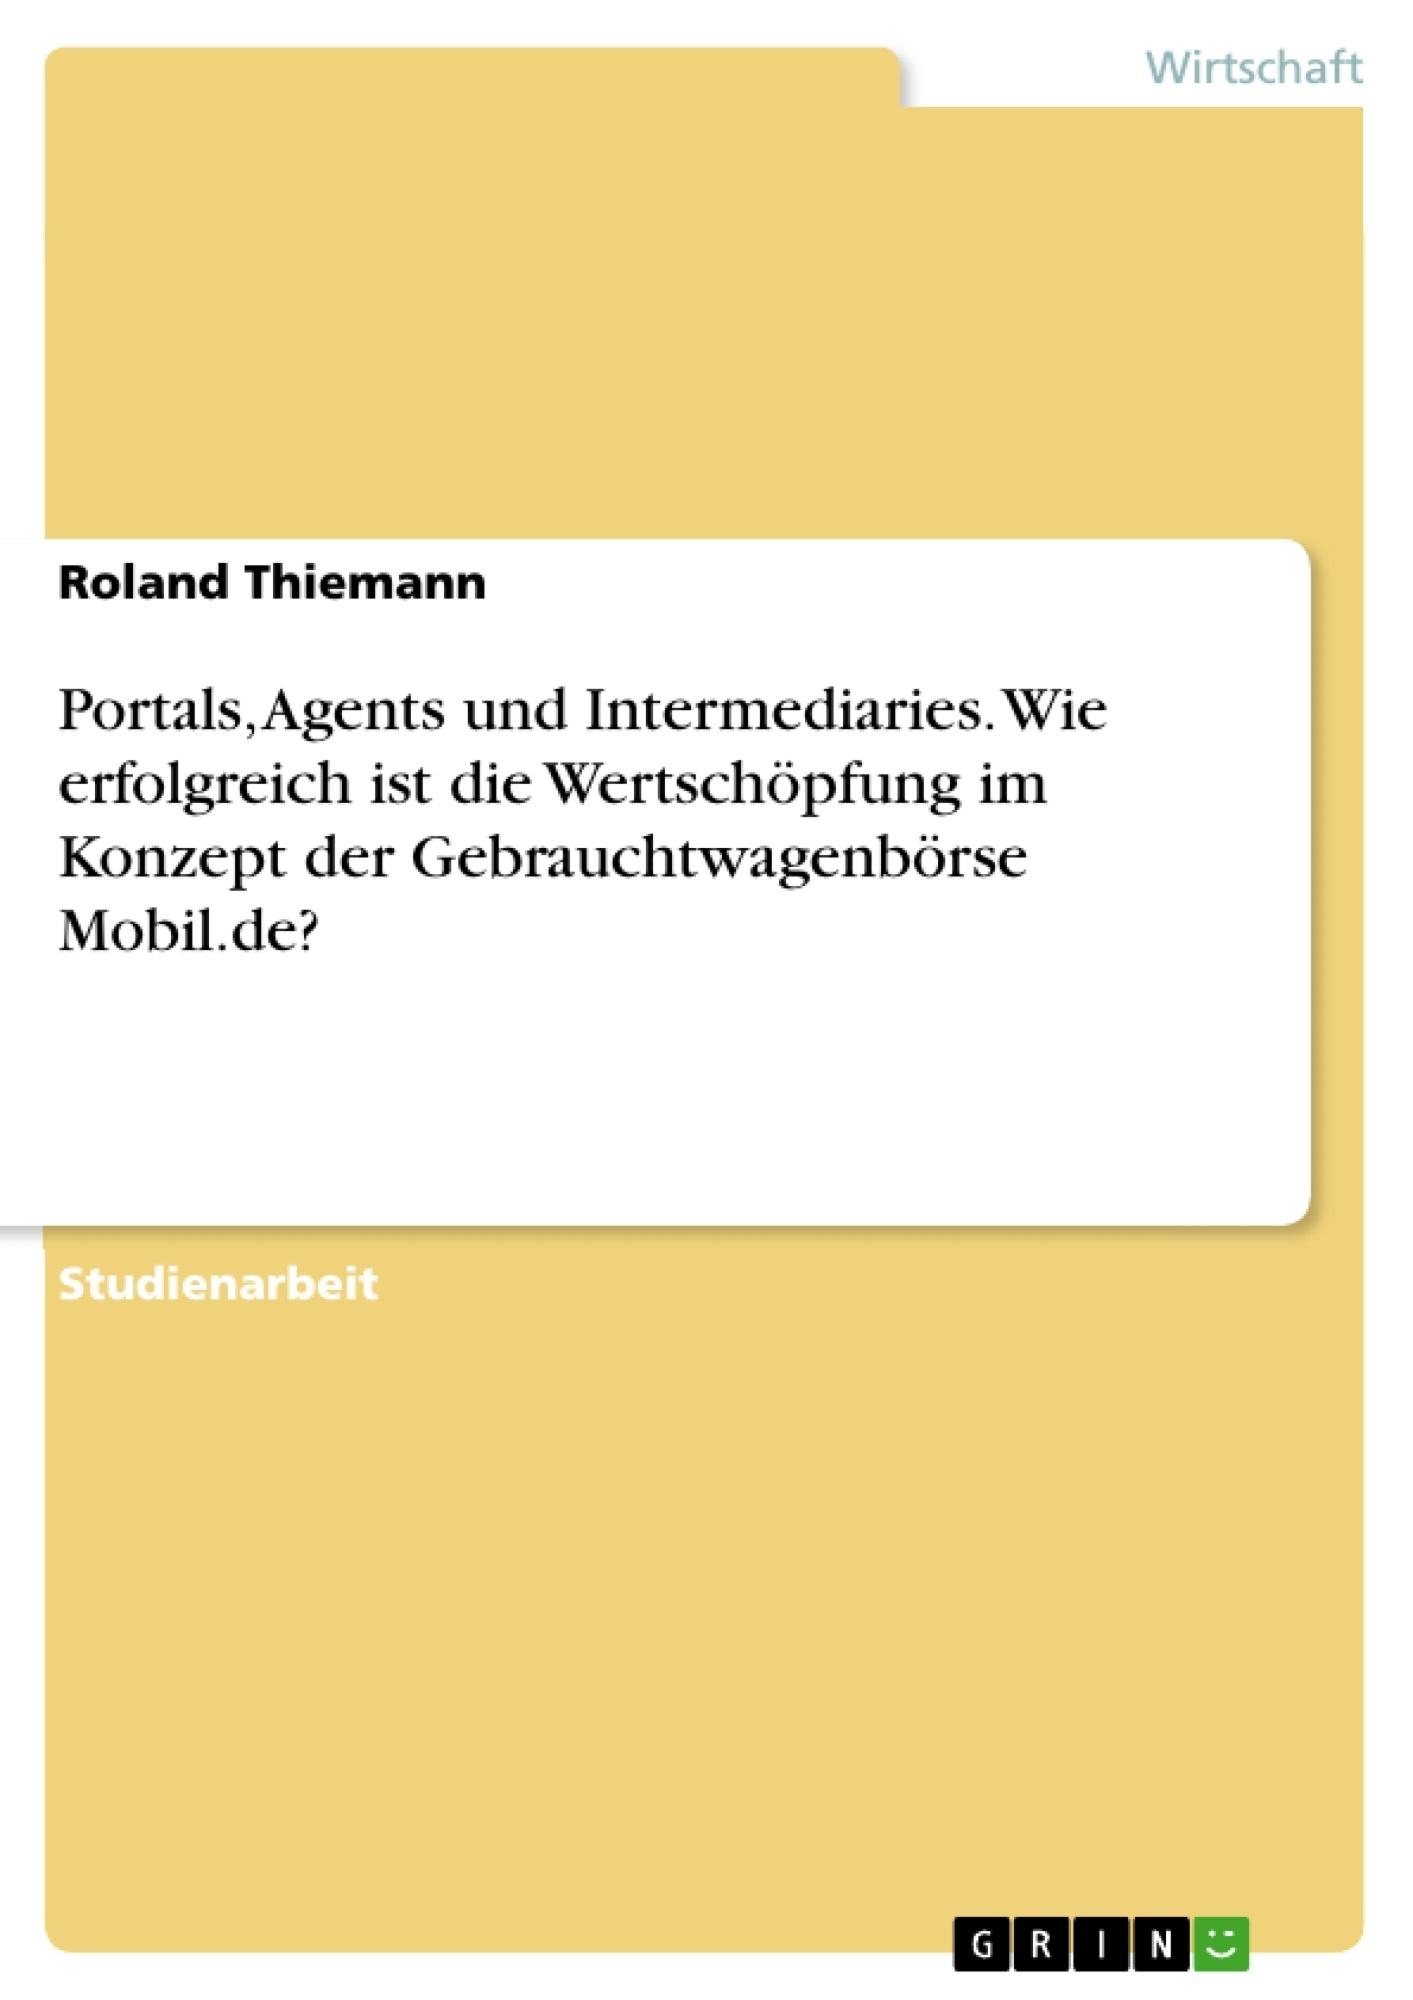 Titel: Portals, Agents und Intermediaries. Wie erfolgreich ist die Wertschöpfung im Konzept der Gebrauchtwagenbörse Mobil.de?